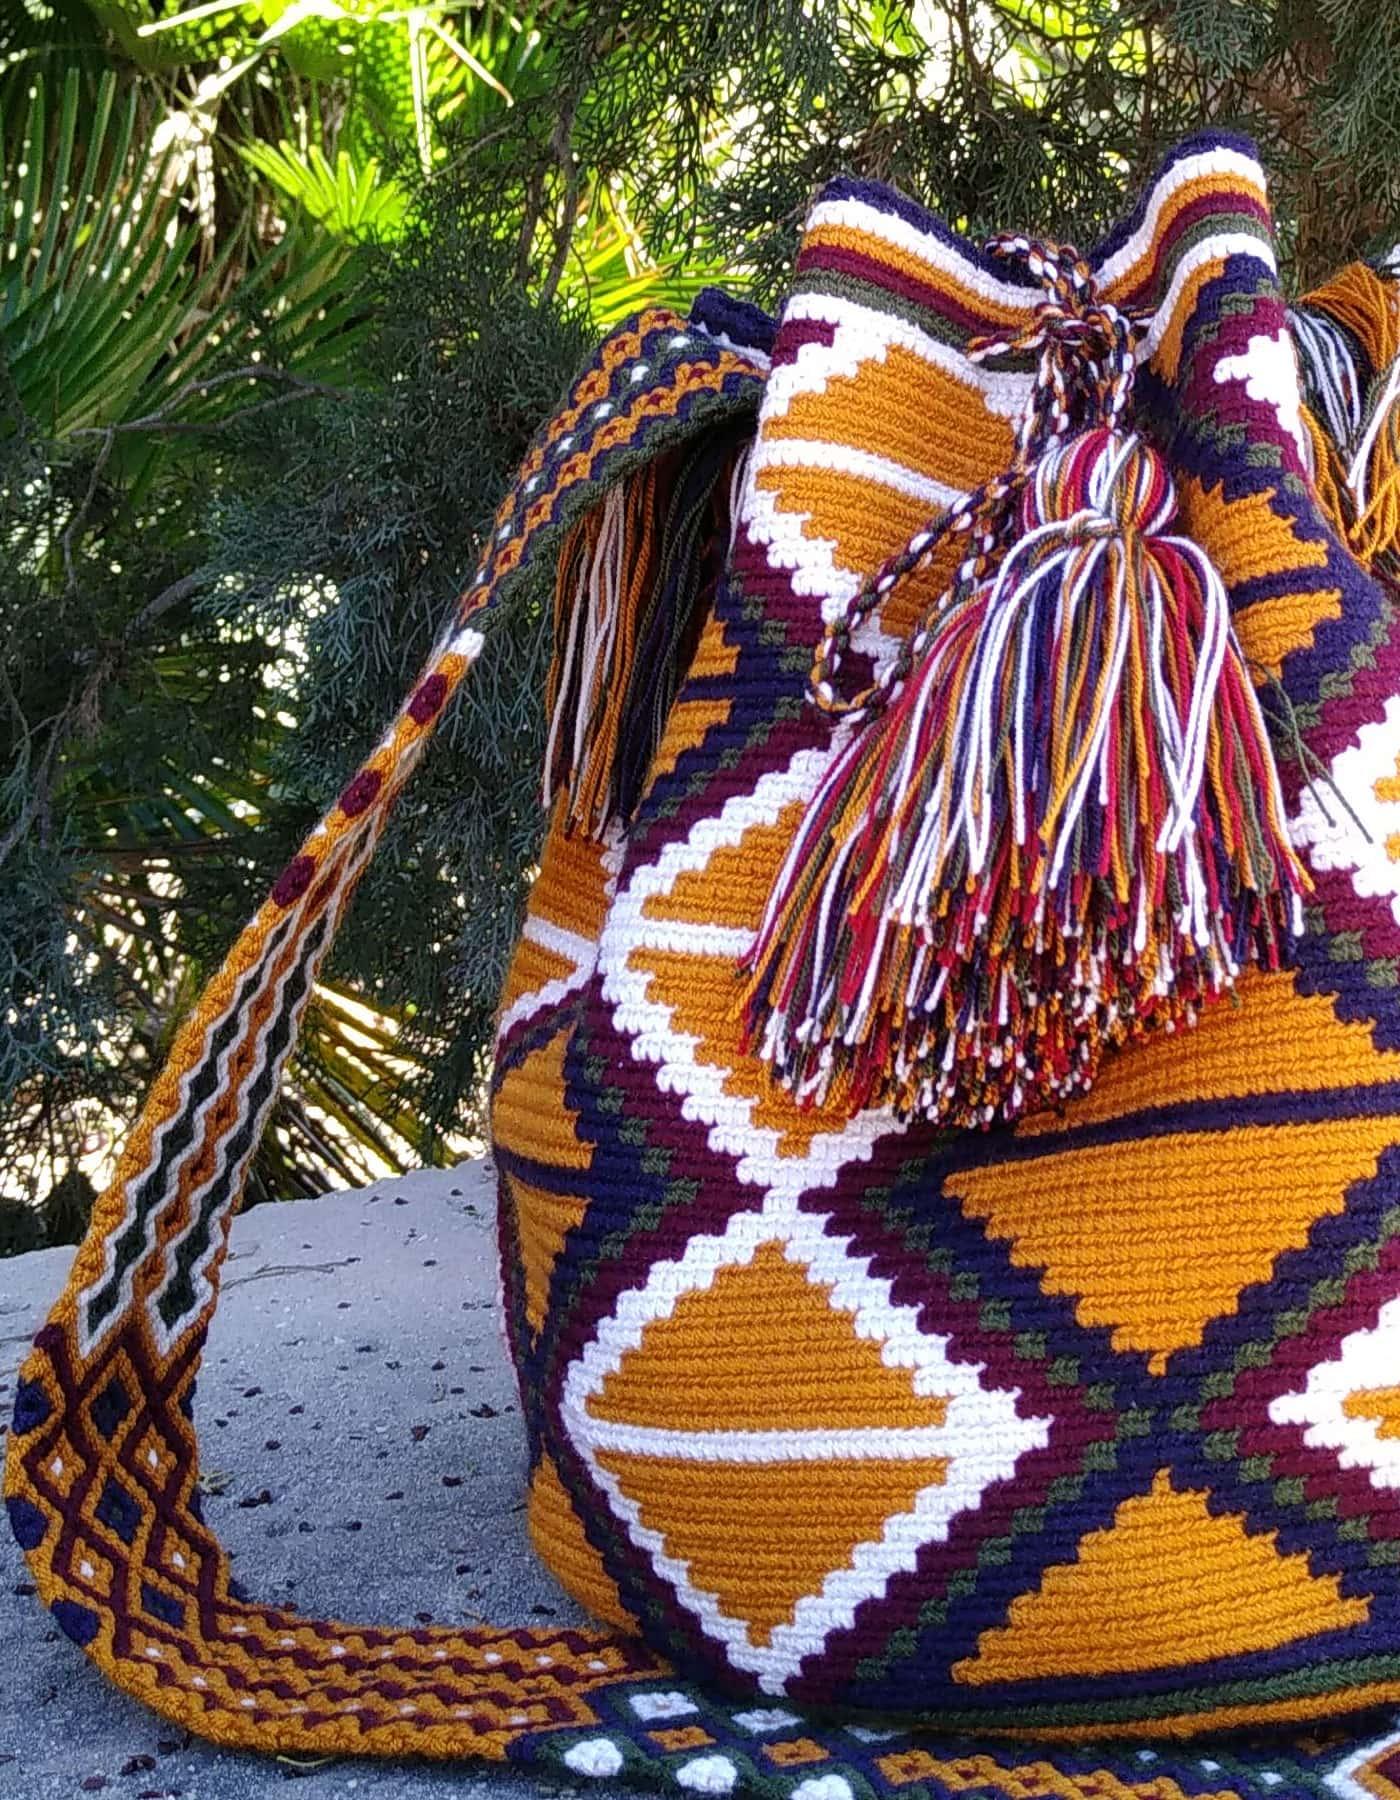 Bolso Wayuu Artesanal, Auténtico y Original (sólo 1 igual) con motivos tribales en marrón anaranjado, azul, verde, morado y blanco